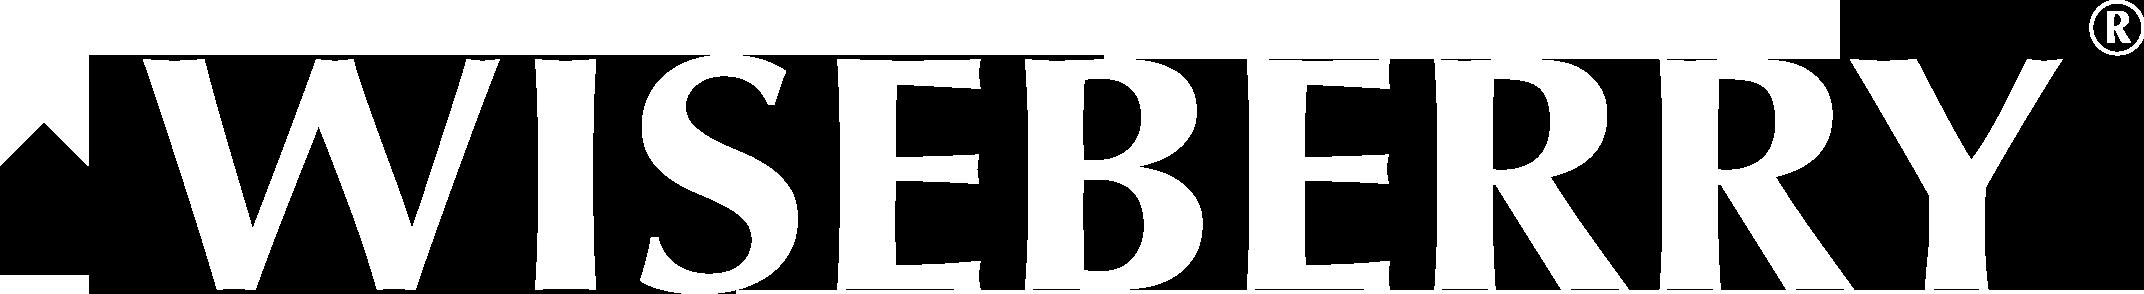 www.wiseberry.com.au/monavale